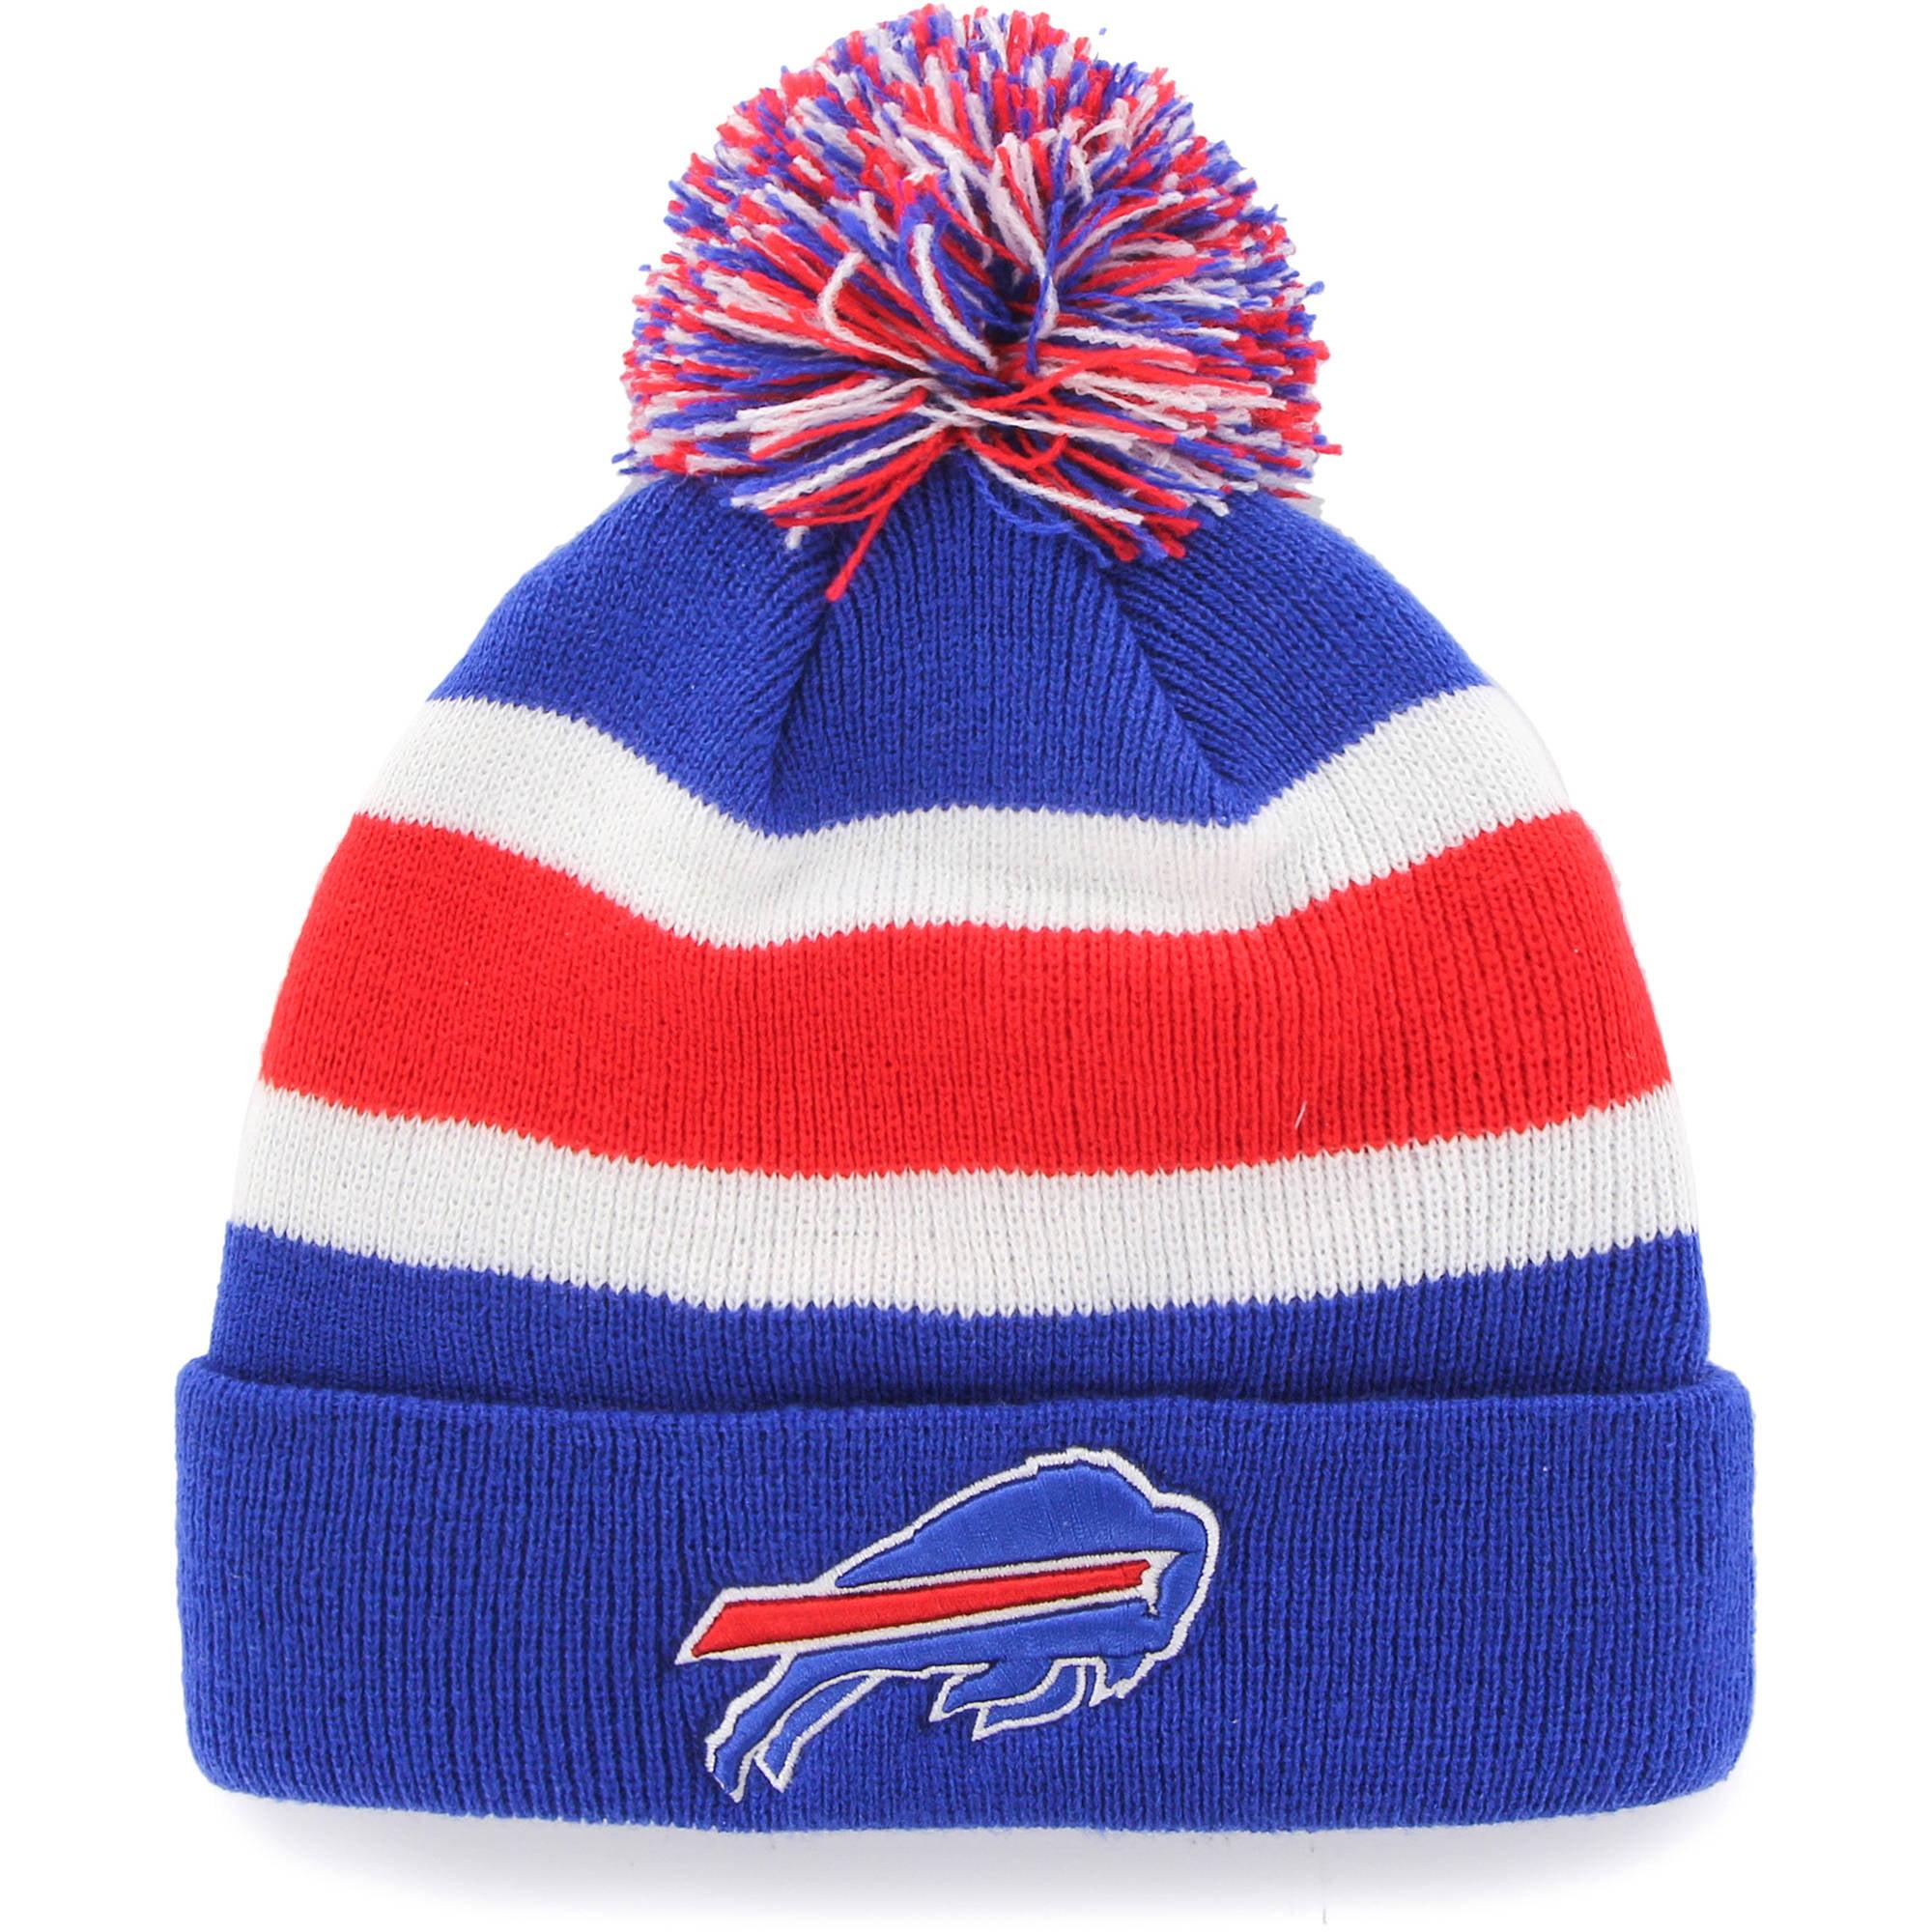 Fan Favorite - Breakaway Beanie with Pom, Buffalo Bills